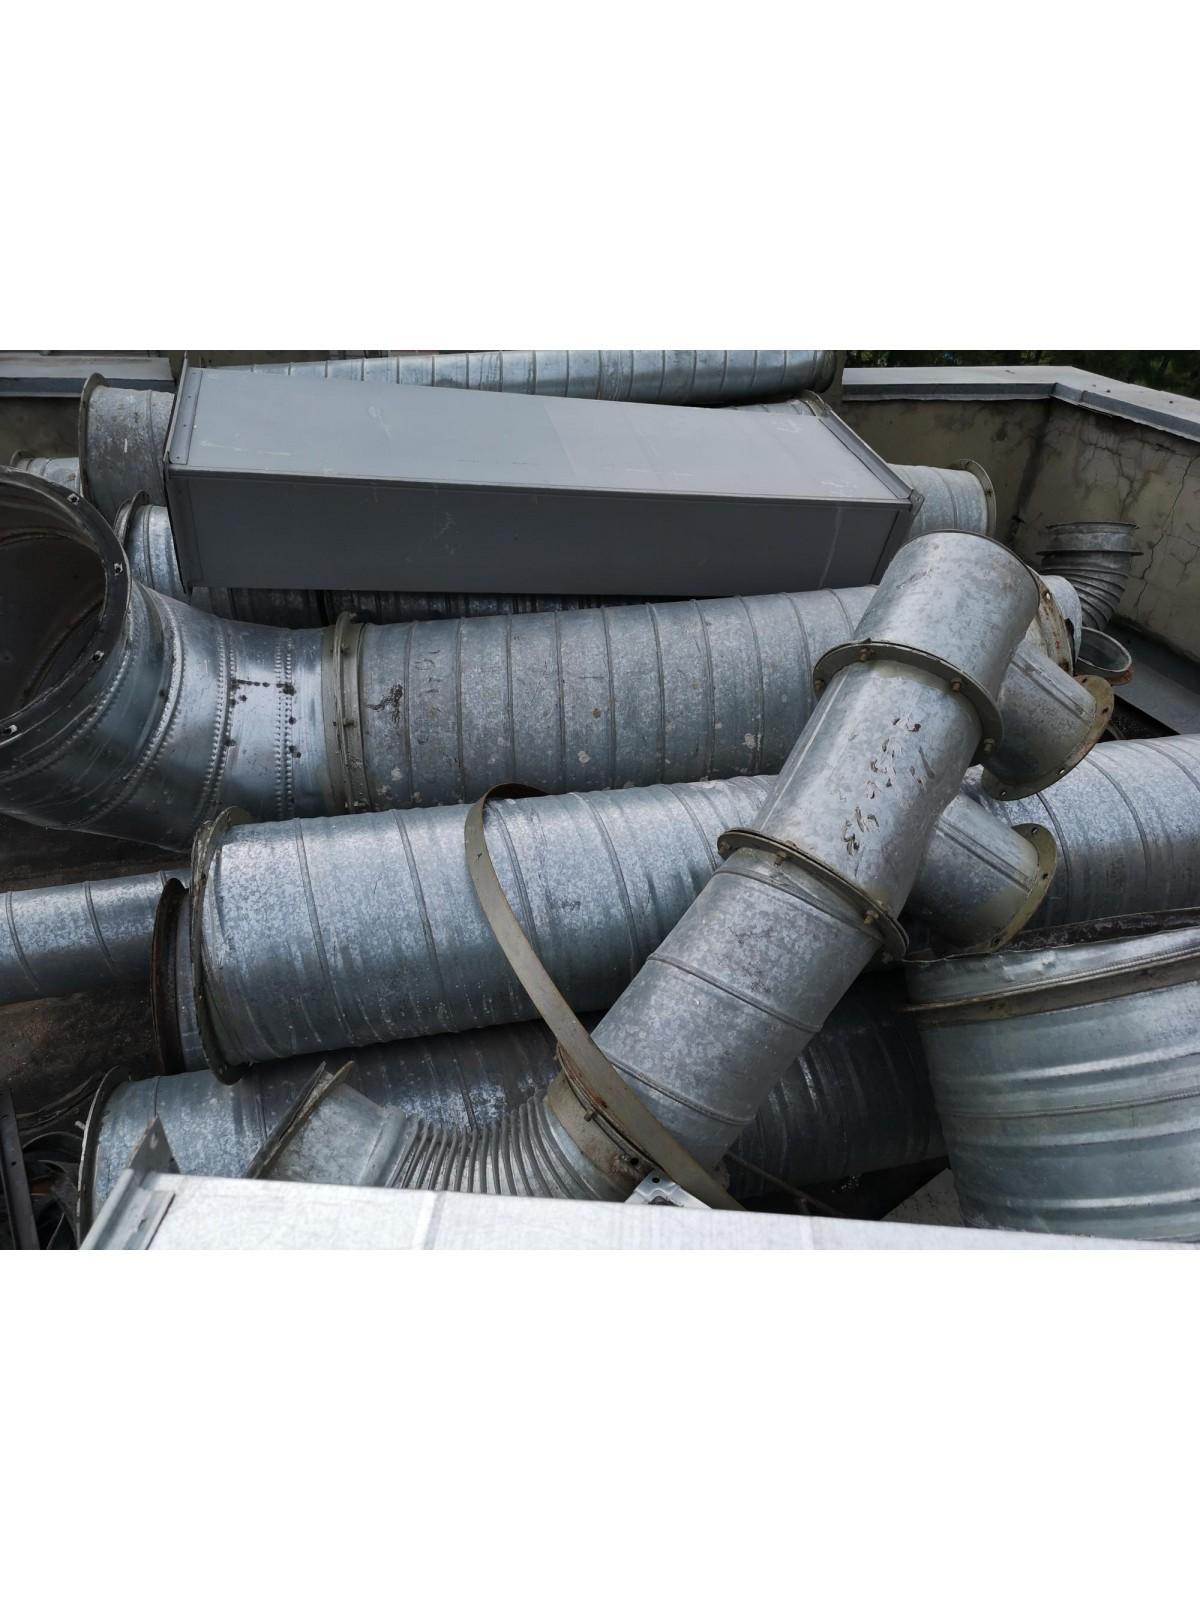 Демонтаж круглого воздуховода диаметром 250 мм